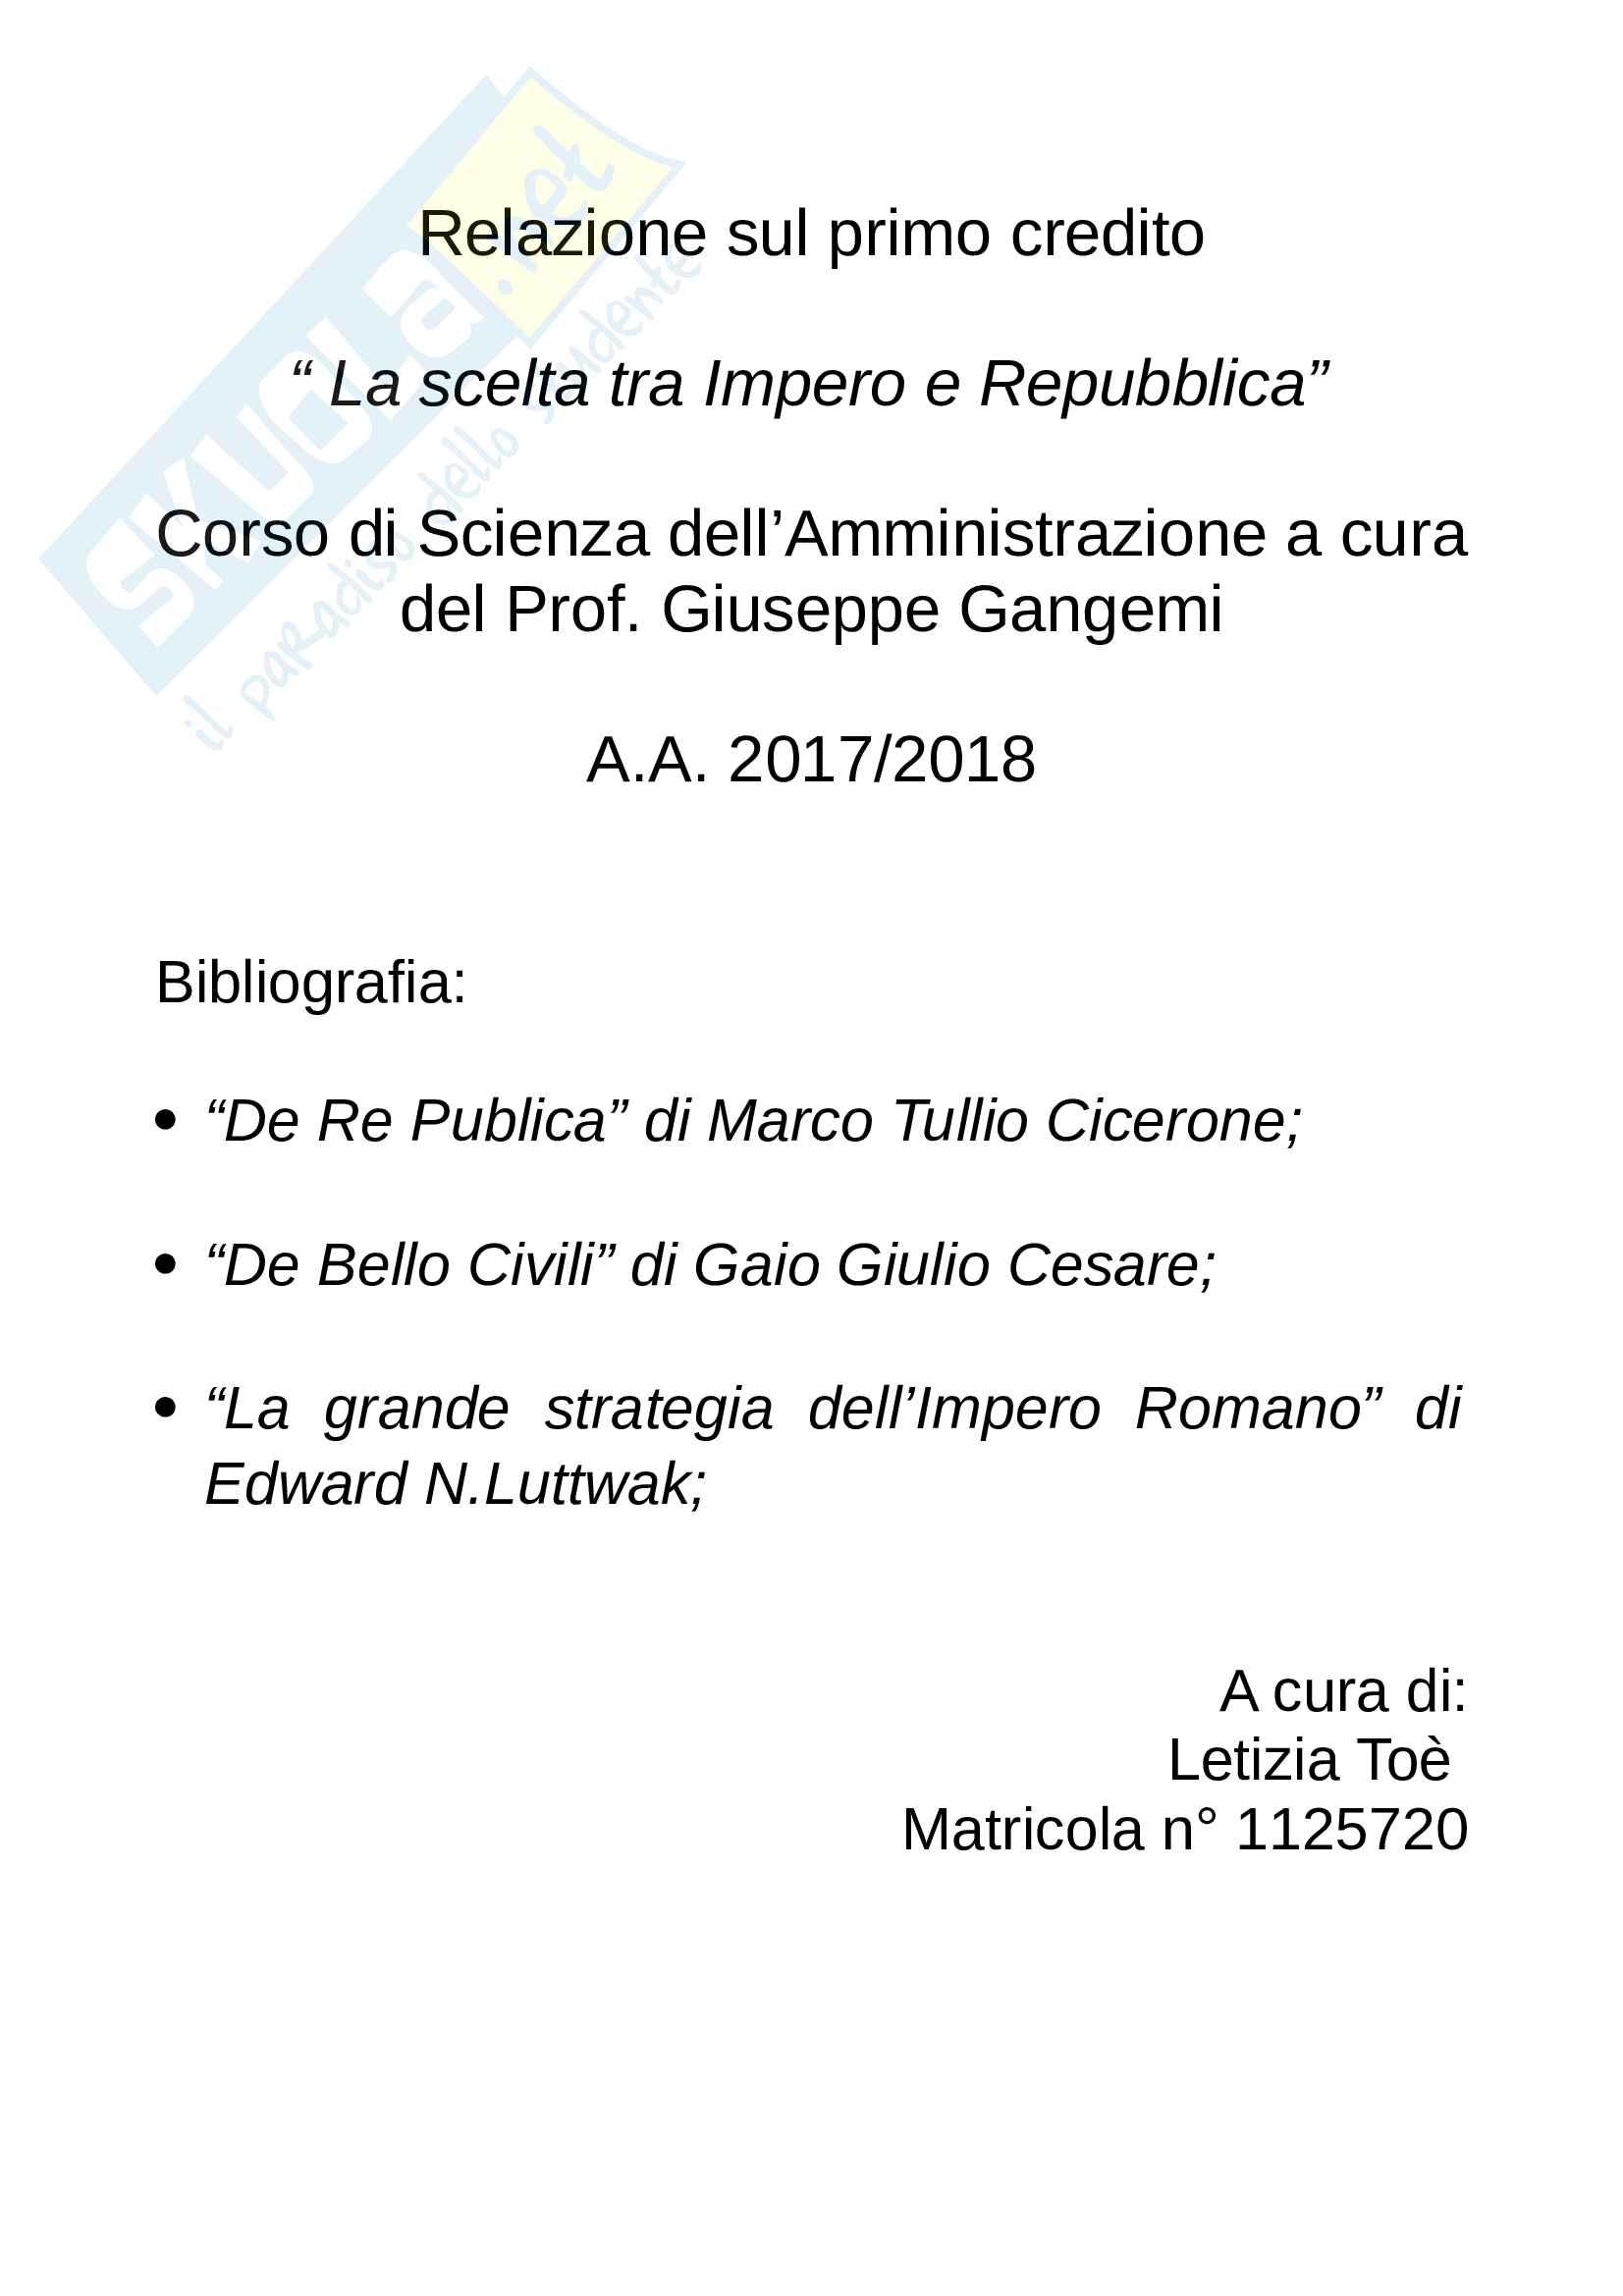 Tesina sul confronto tra Cesare e Cicerone nella scelta tra Impero e Repubblica